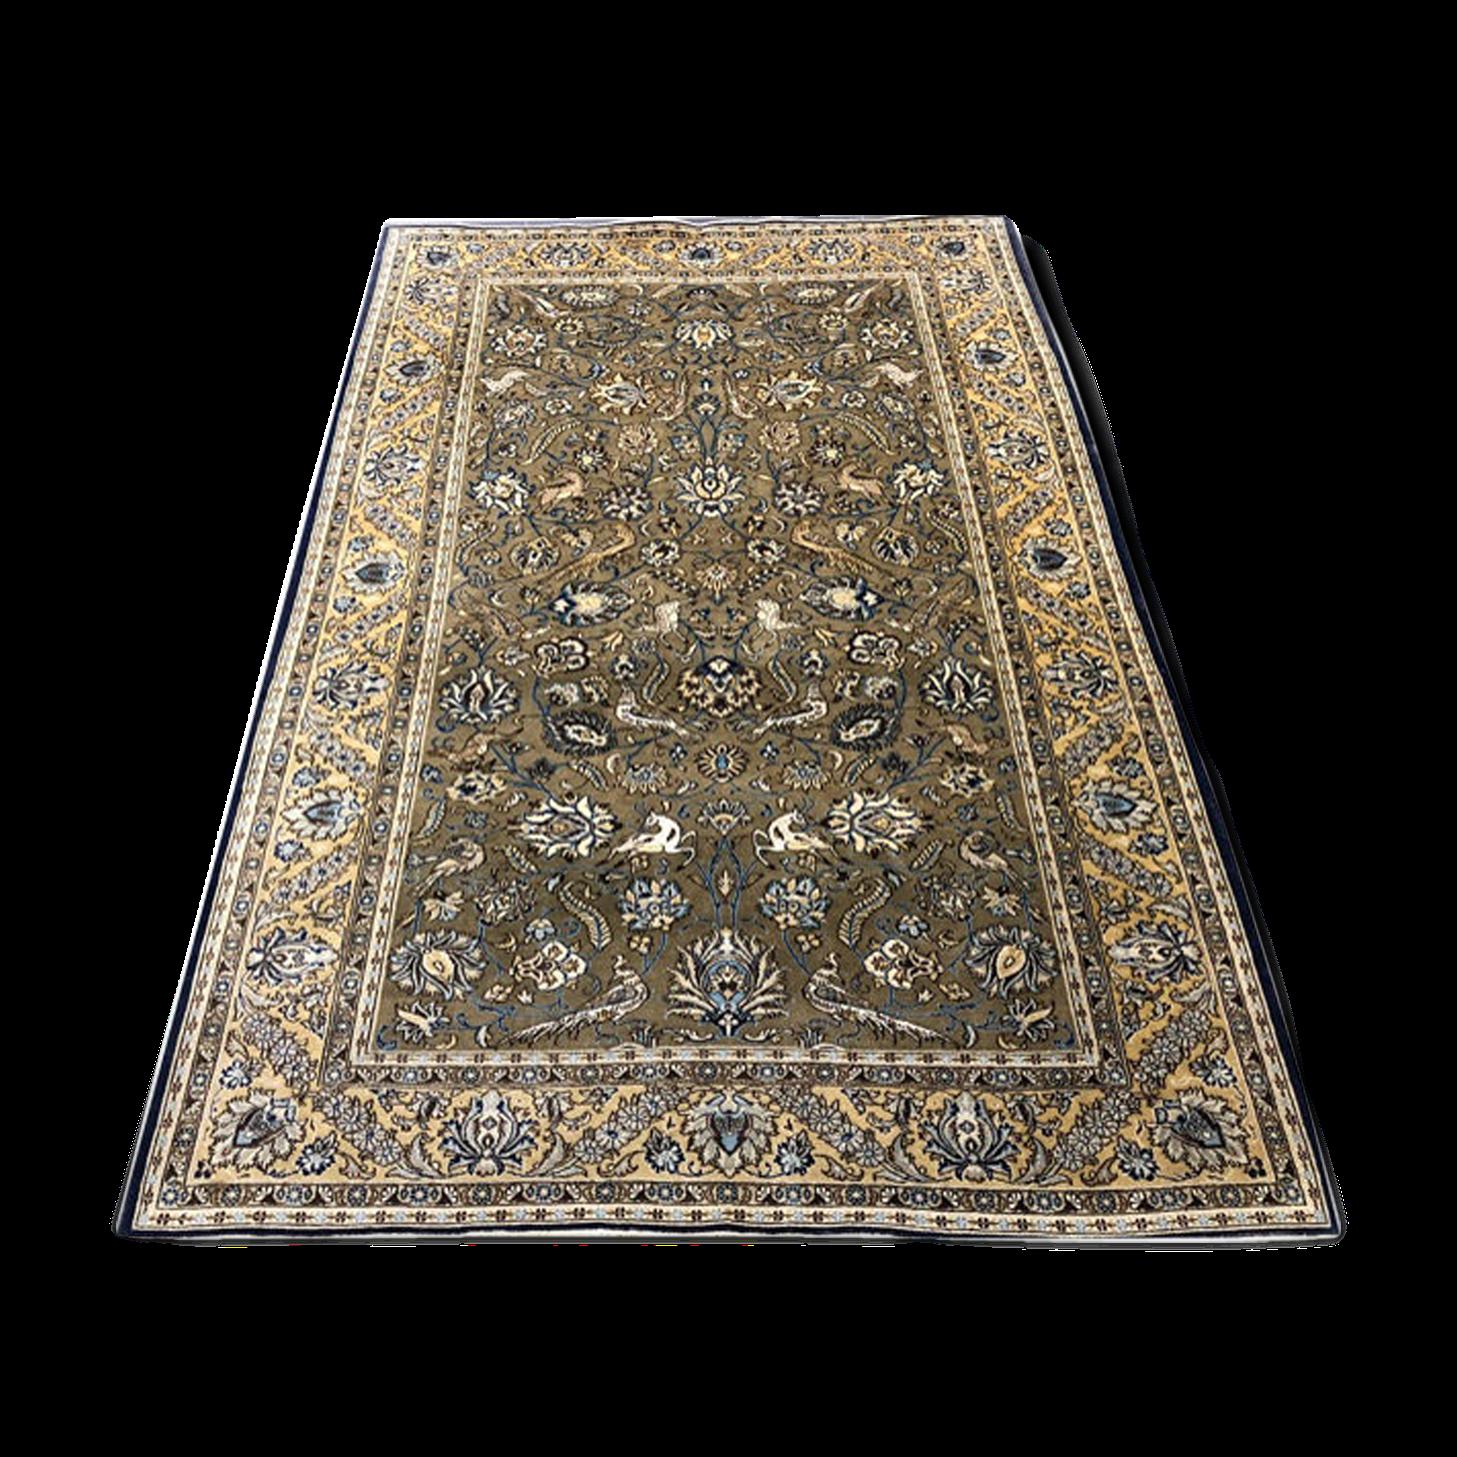 Tapis persan ghoum laine & soie 1970 160x255cm